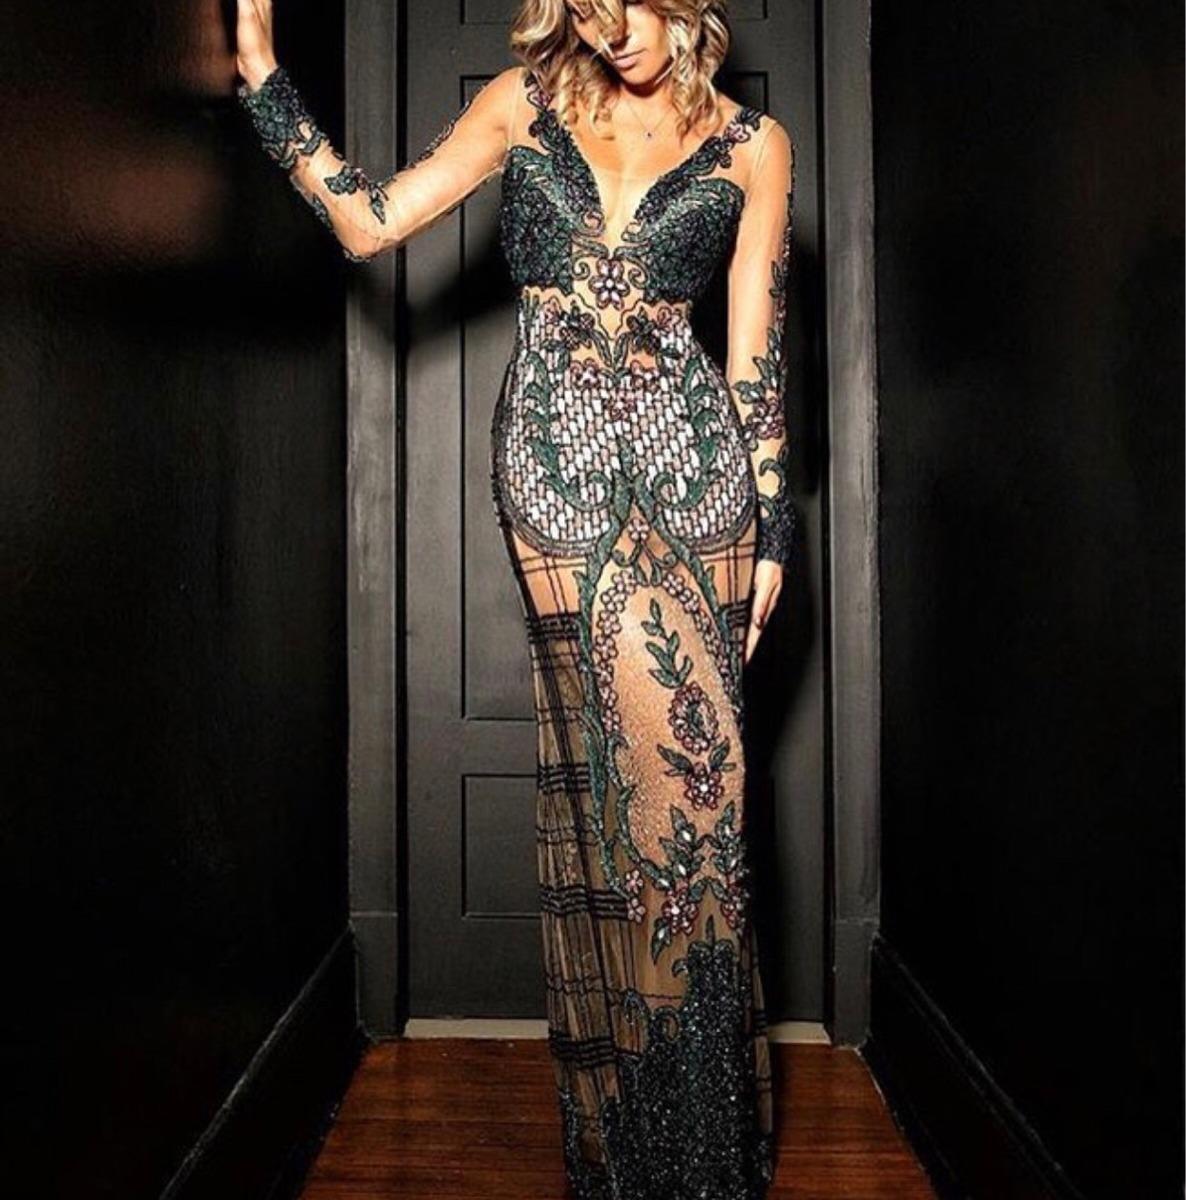 a6d77a5be Vestido Fabiana Milazzo Bordado Manga Longa - R$ 6.500,00 em Mercado ...